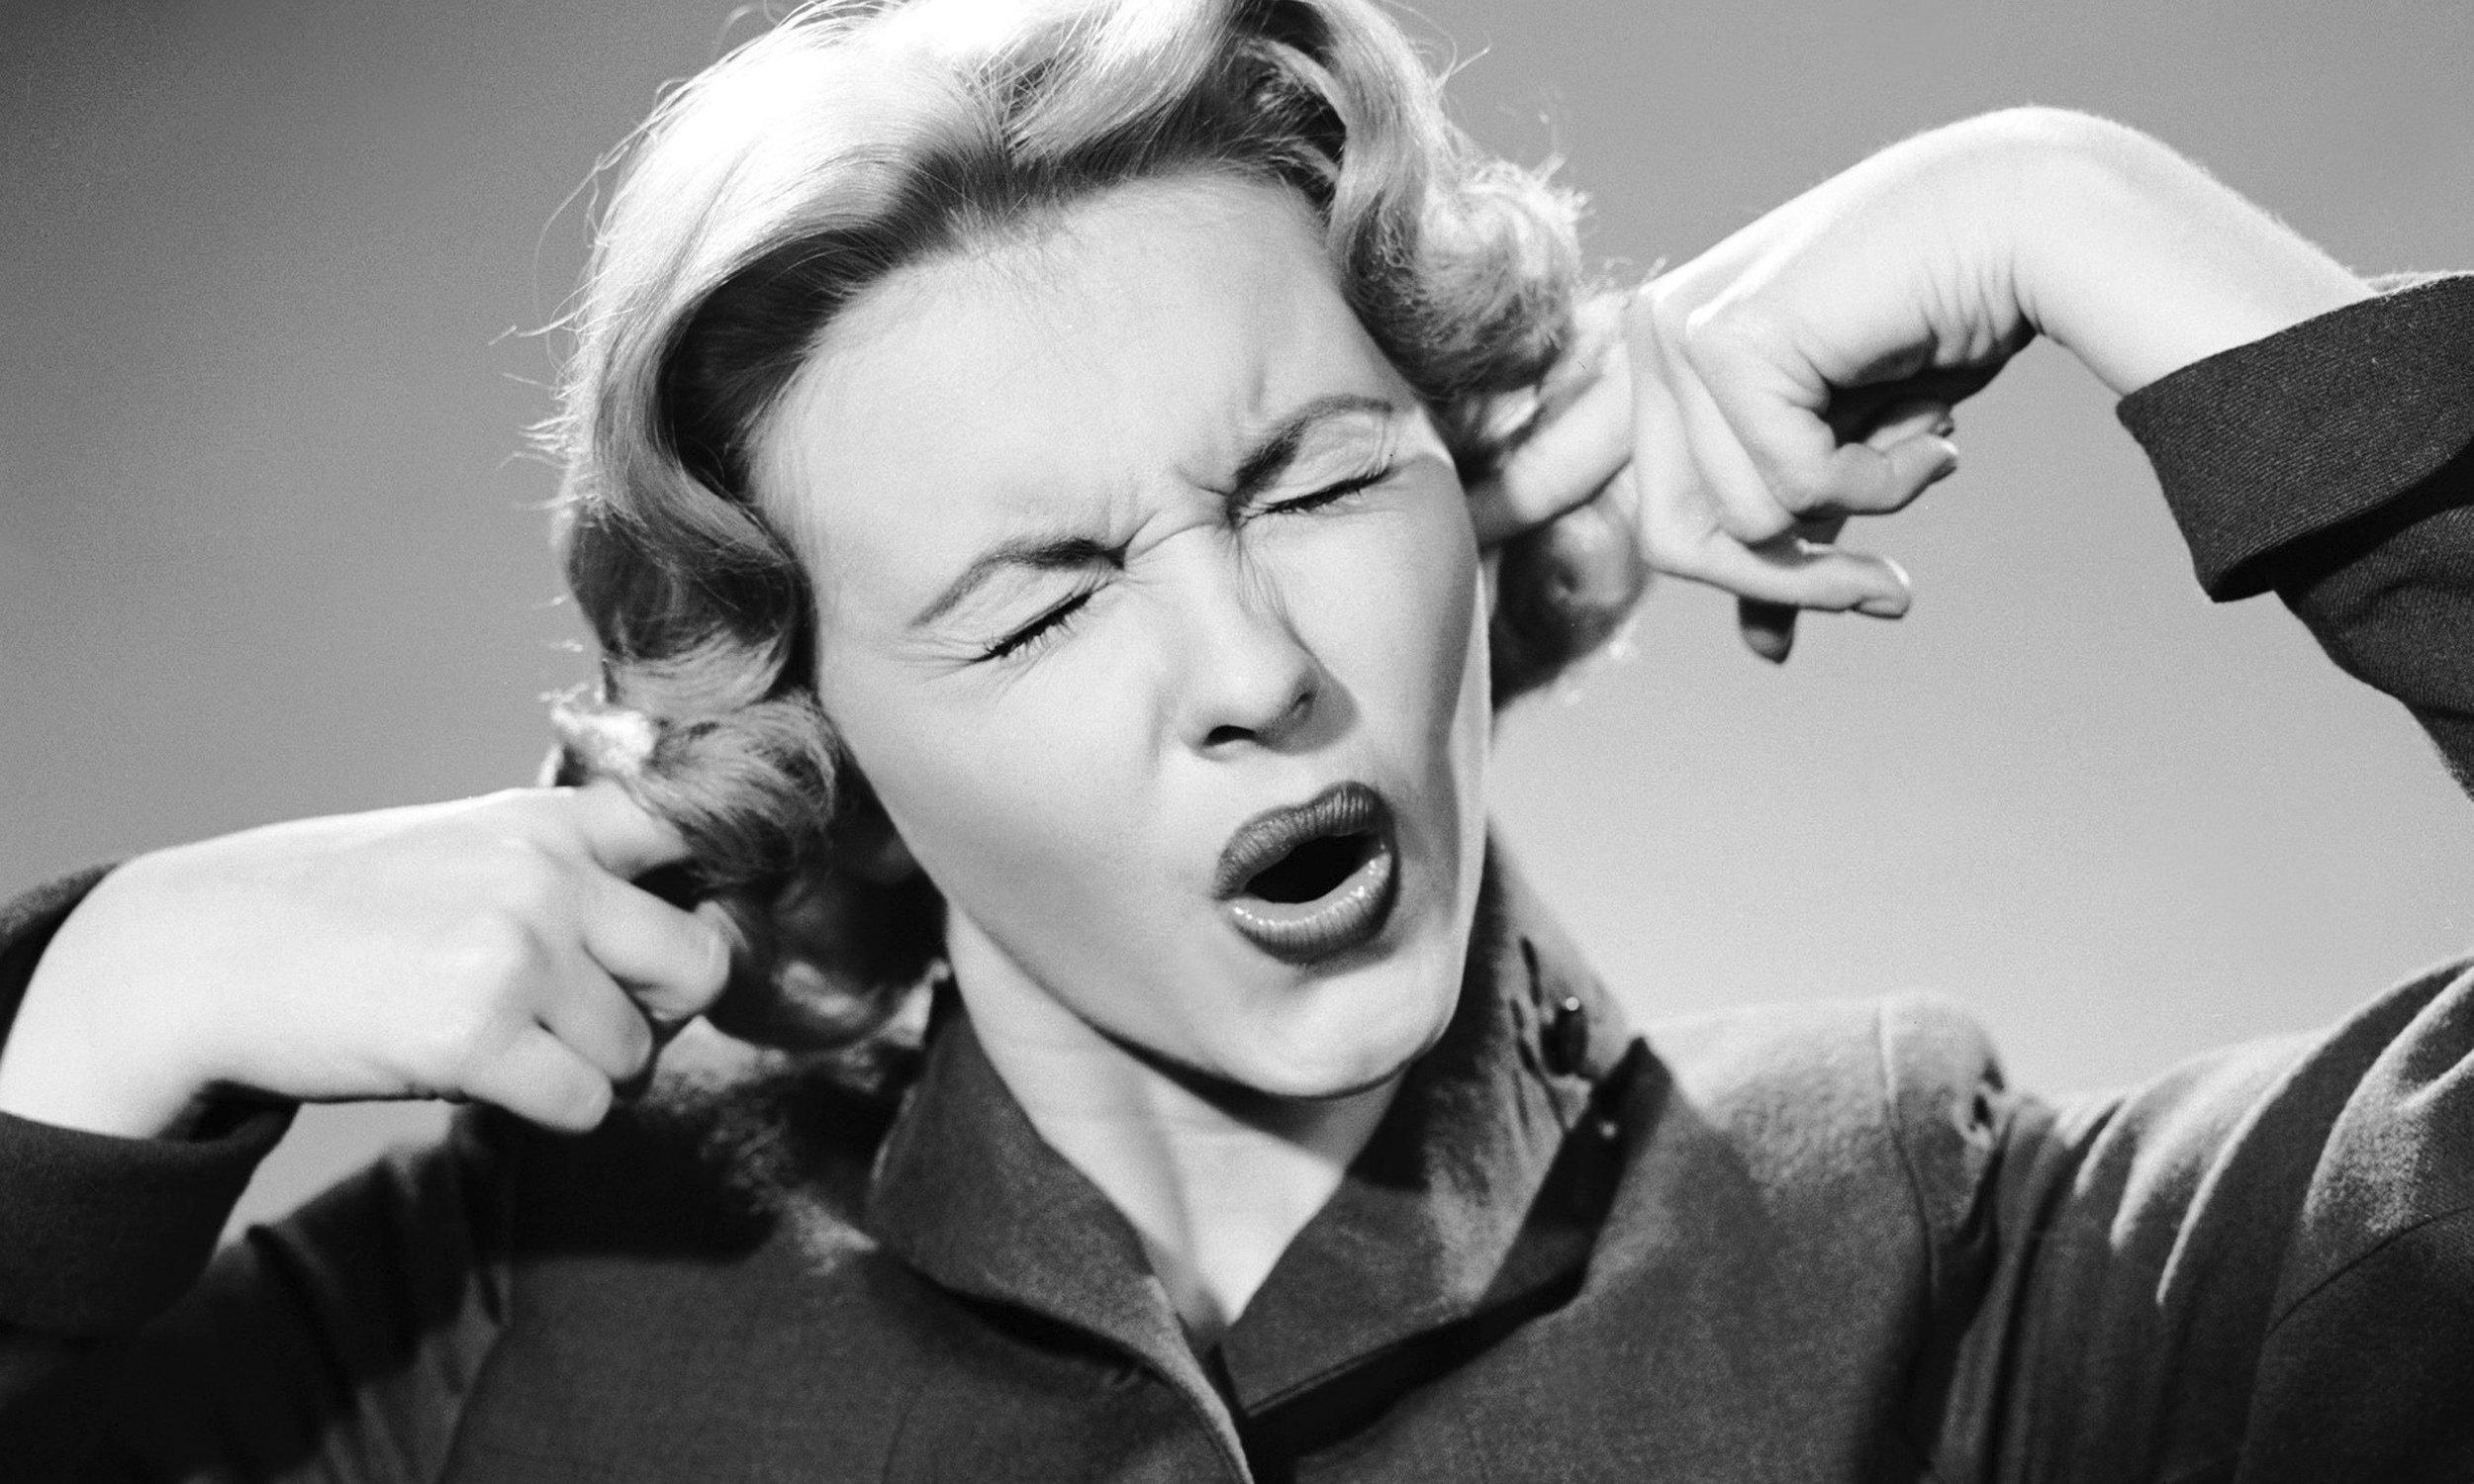 Vintage-fingers-in-ears-not-listening-damselsinsuccess.co_.uk_.jpg